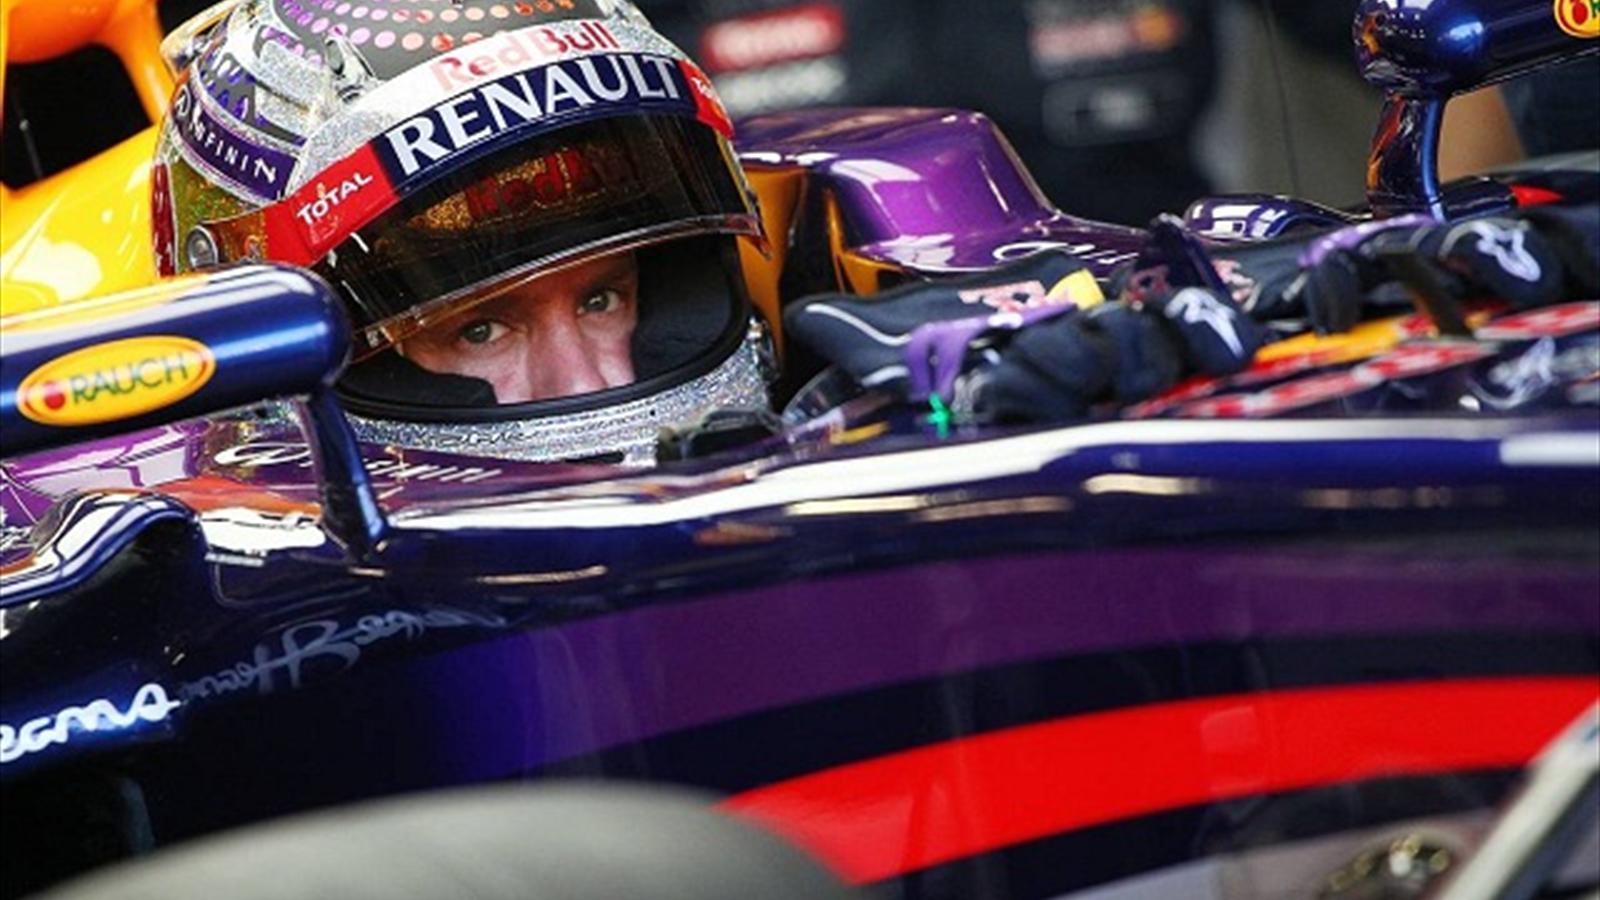 La vitesse de red bull en chiffres saison 2013 formule 1 eurosport - Formule vitesse de coupe ...